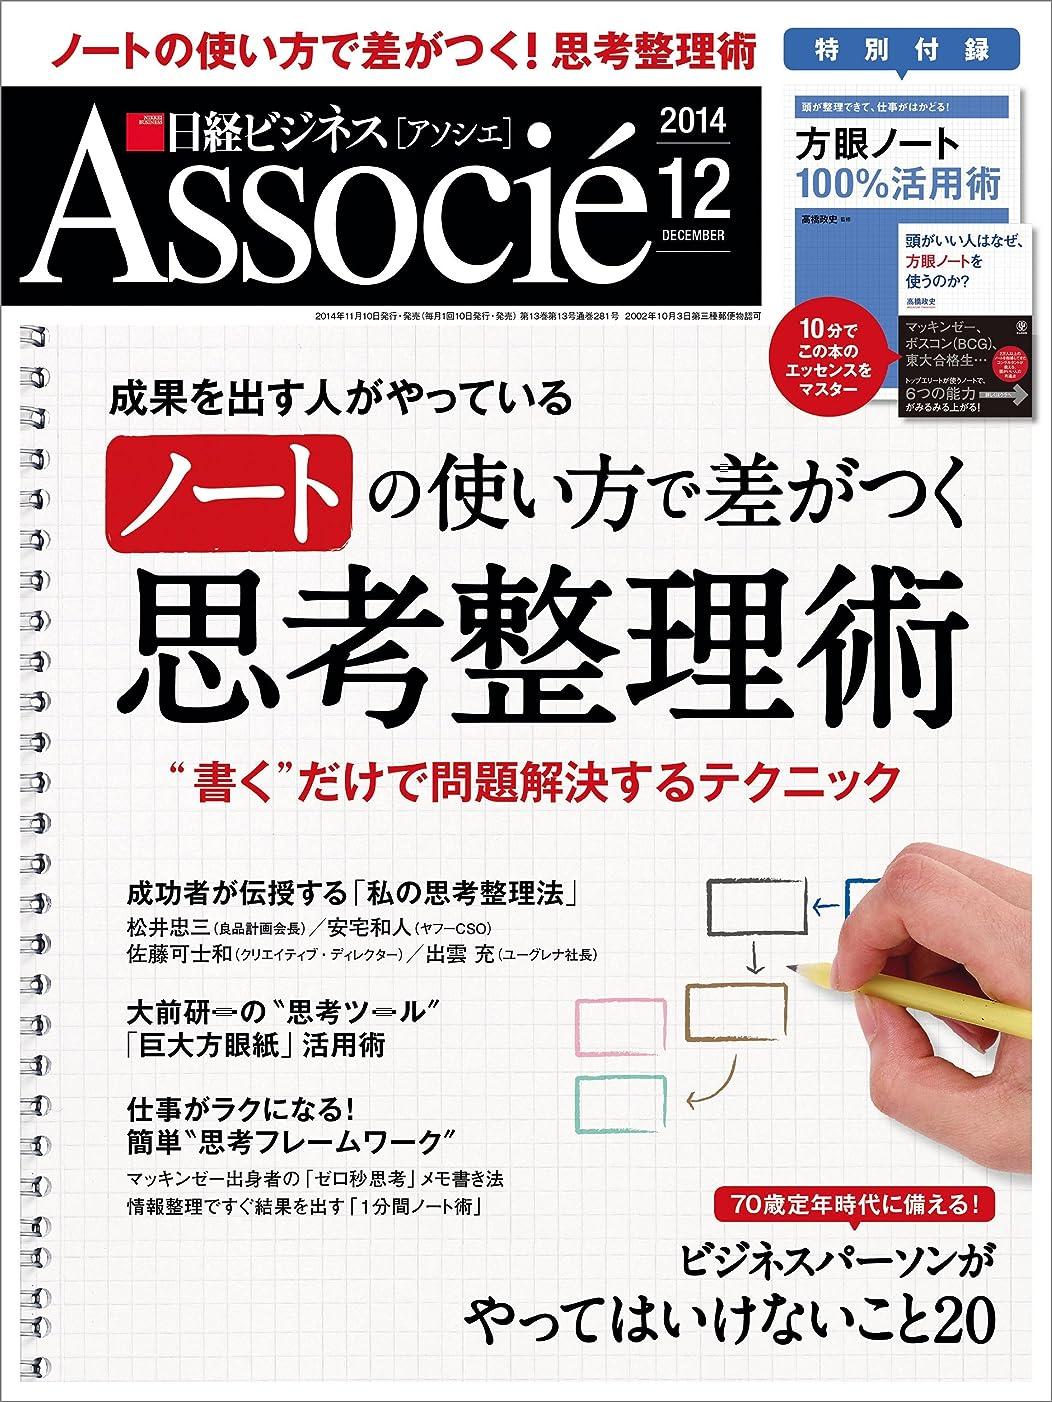 アシスタント不良品鷹日経ビジネスアソシエ 2014年 12月号 [雑誌]